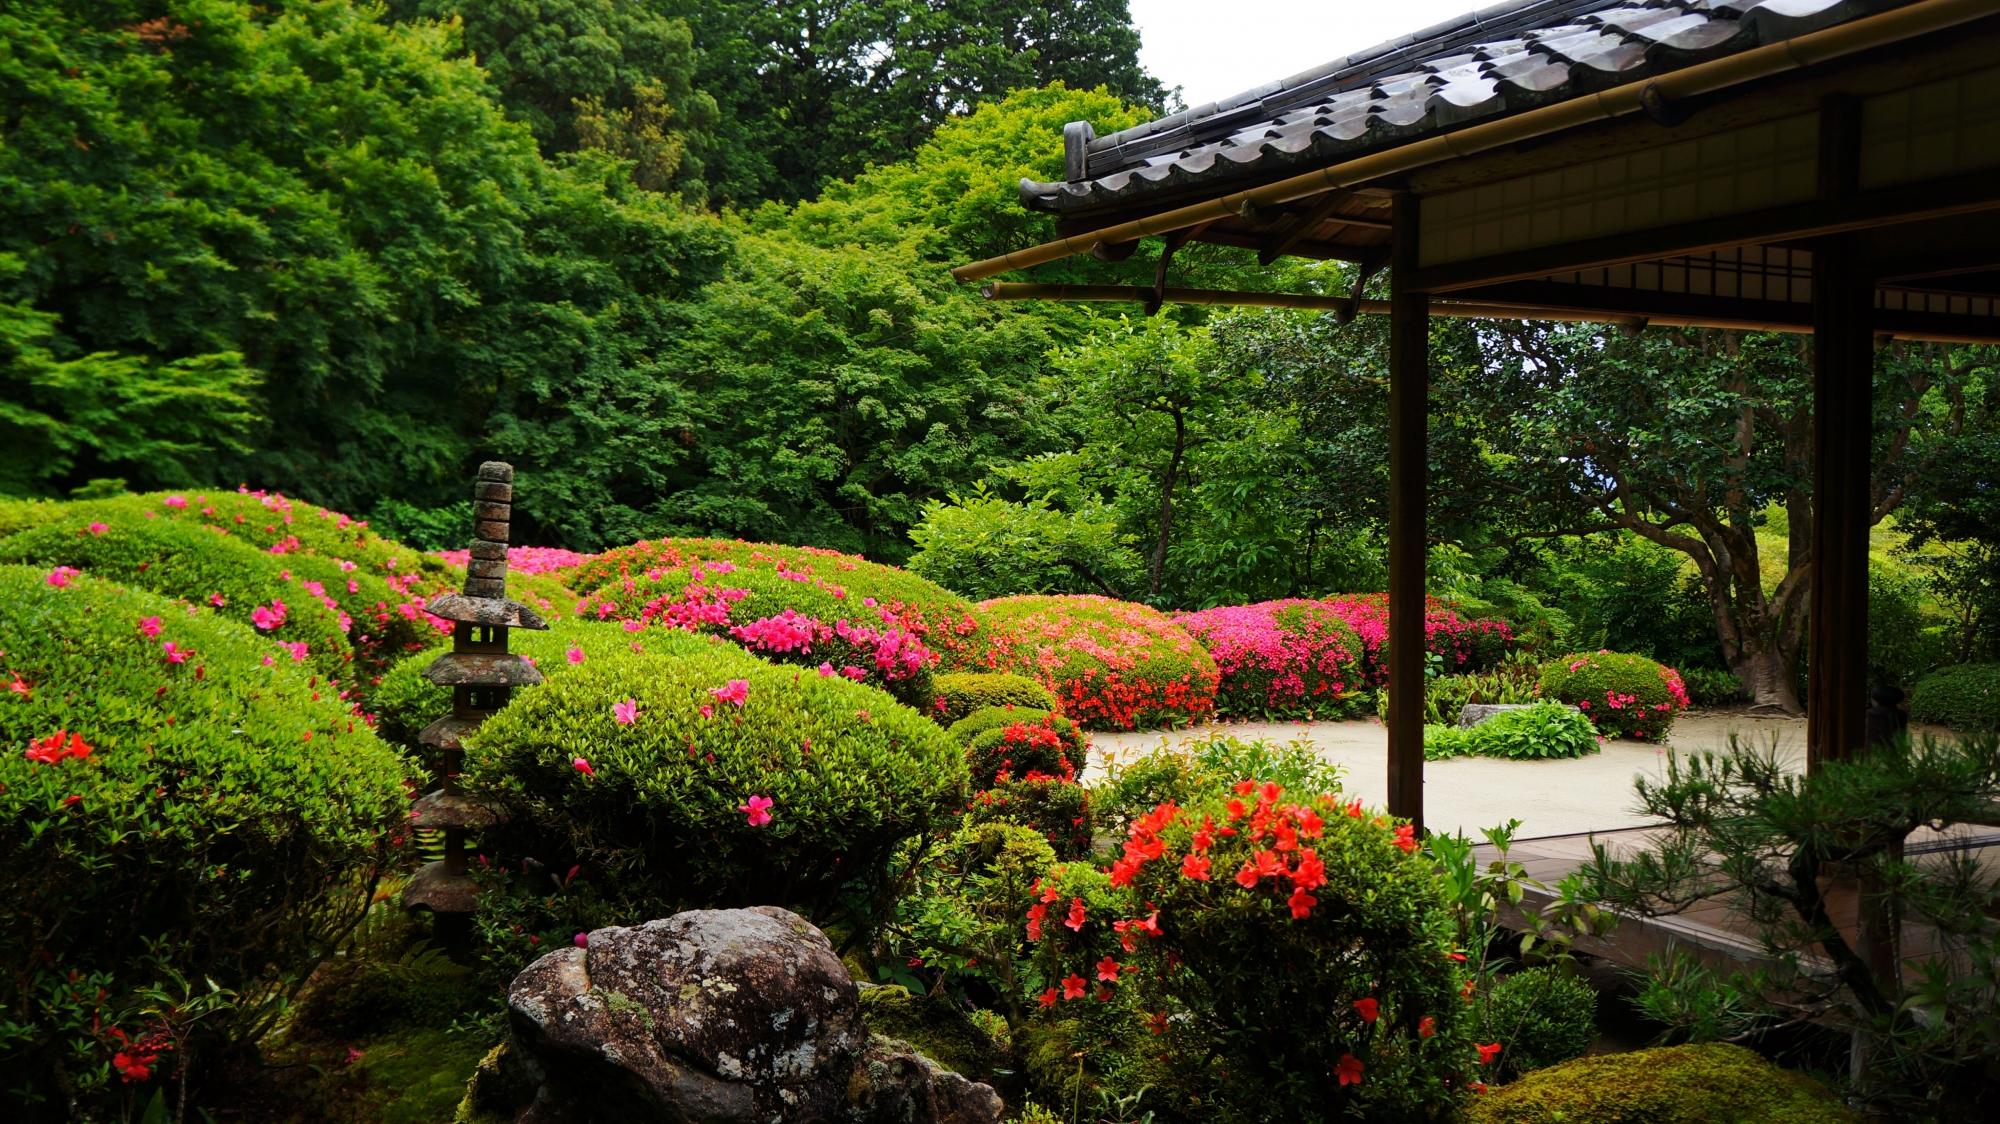 詩仙堂の見ごろをむかえた庭園のサツキ